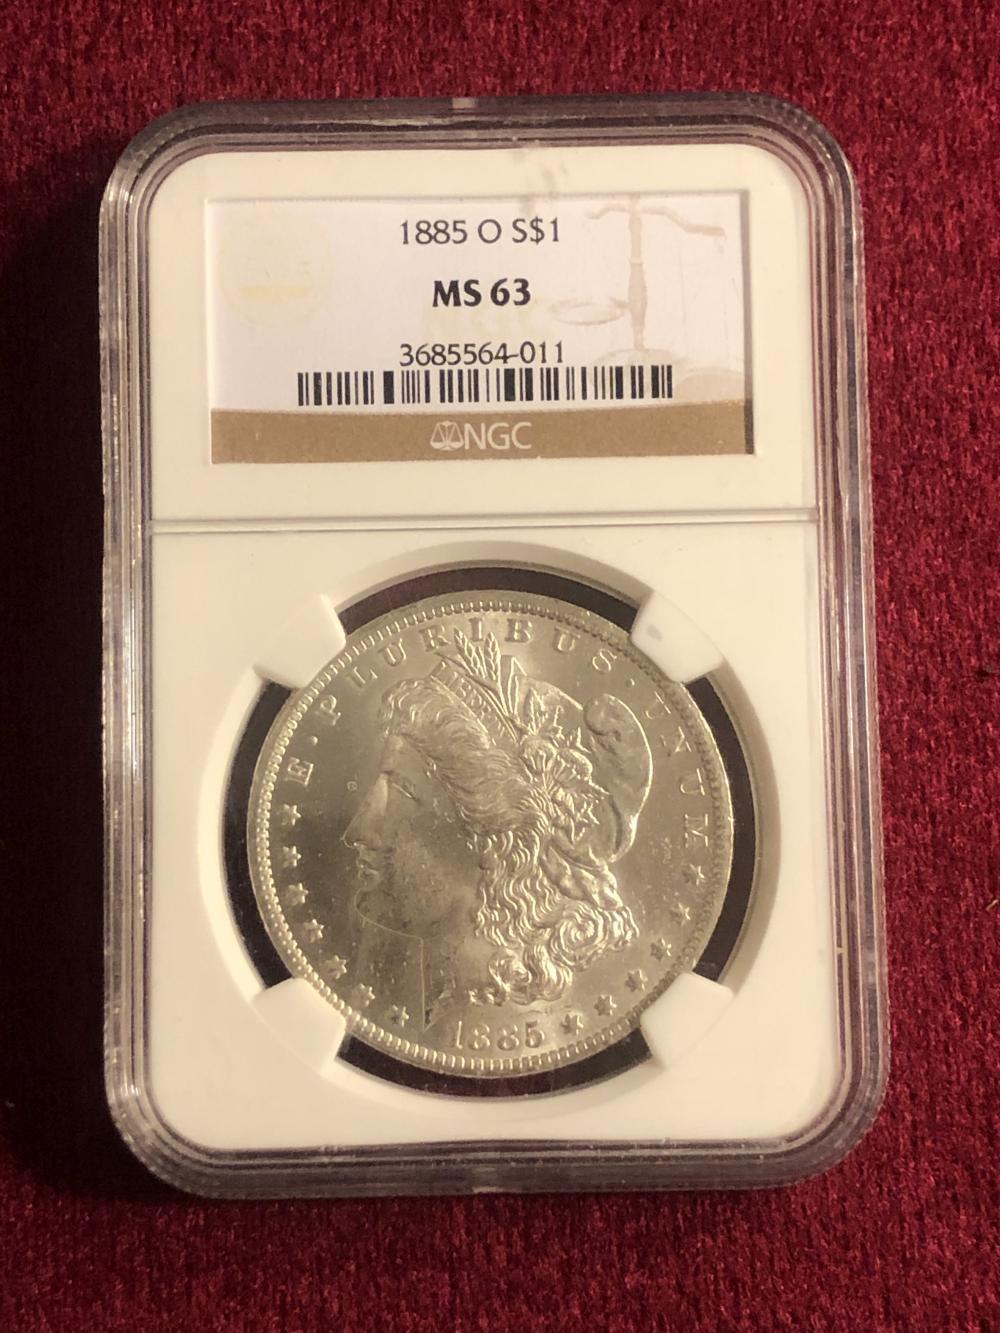 Graded 1885-O morgan silver dollar coin